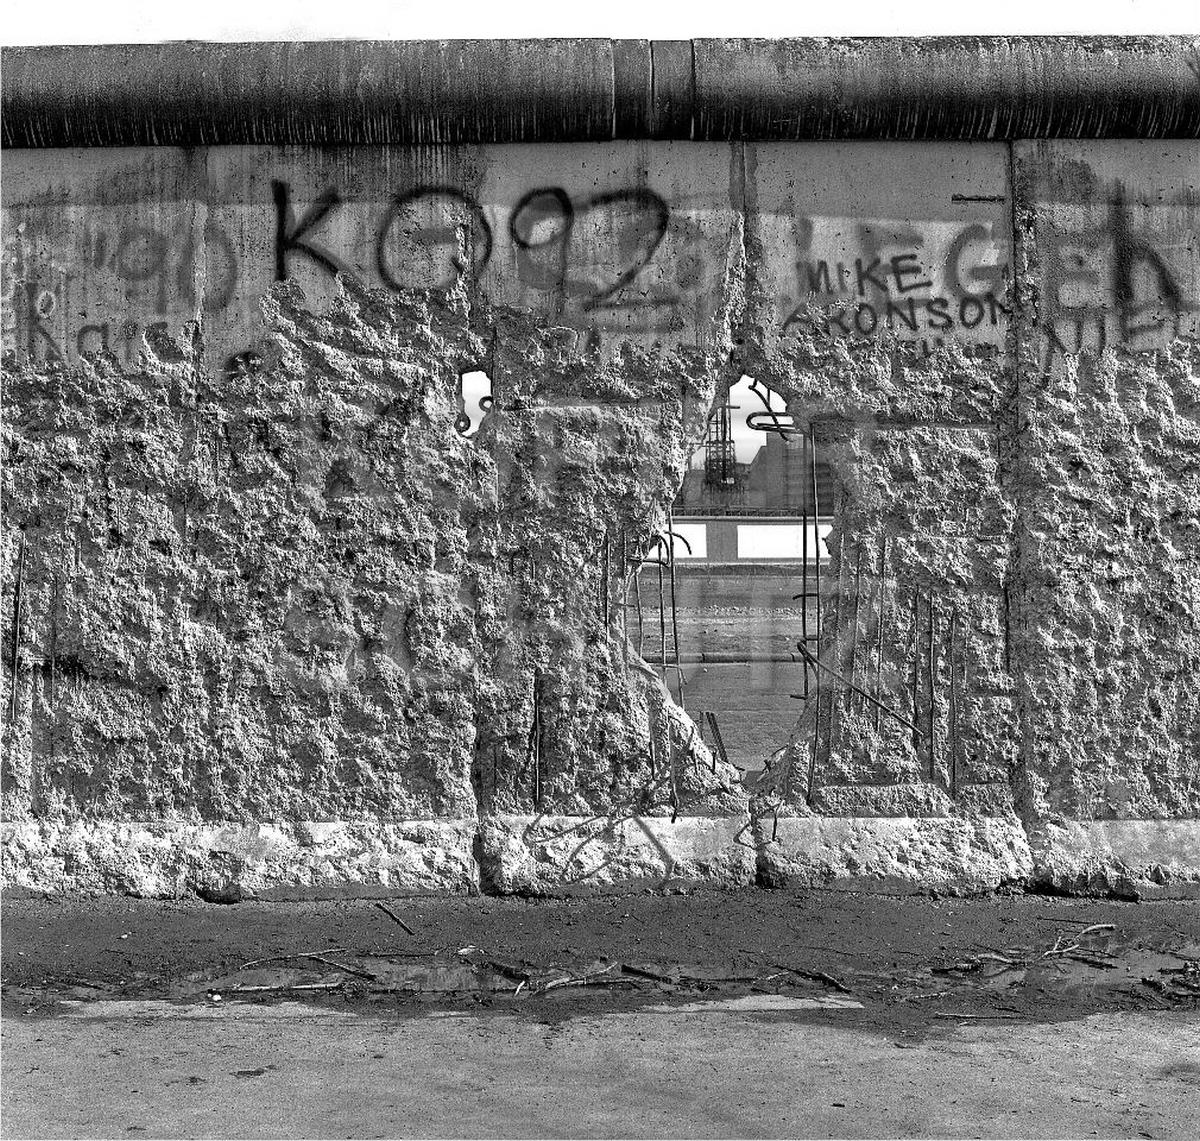 Nr03-60_12.3.1990-Ebertstr